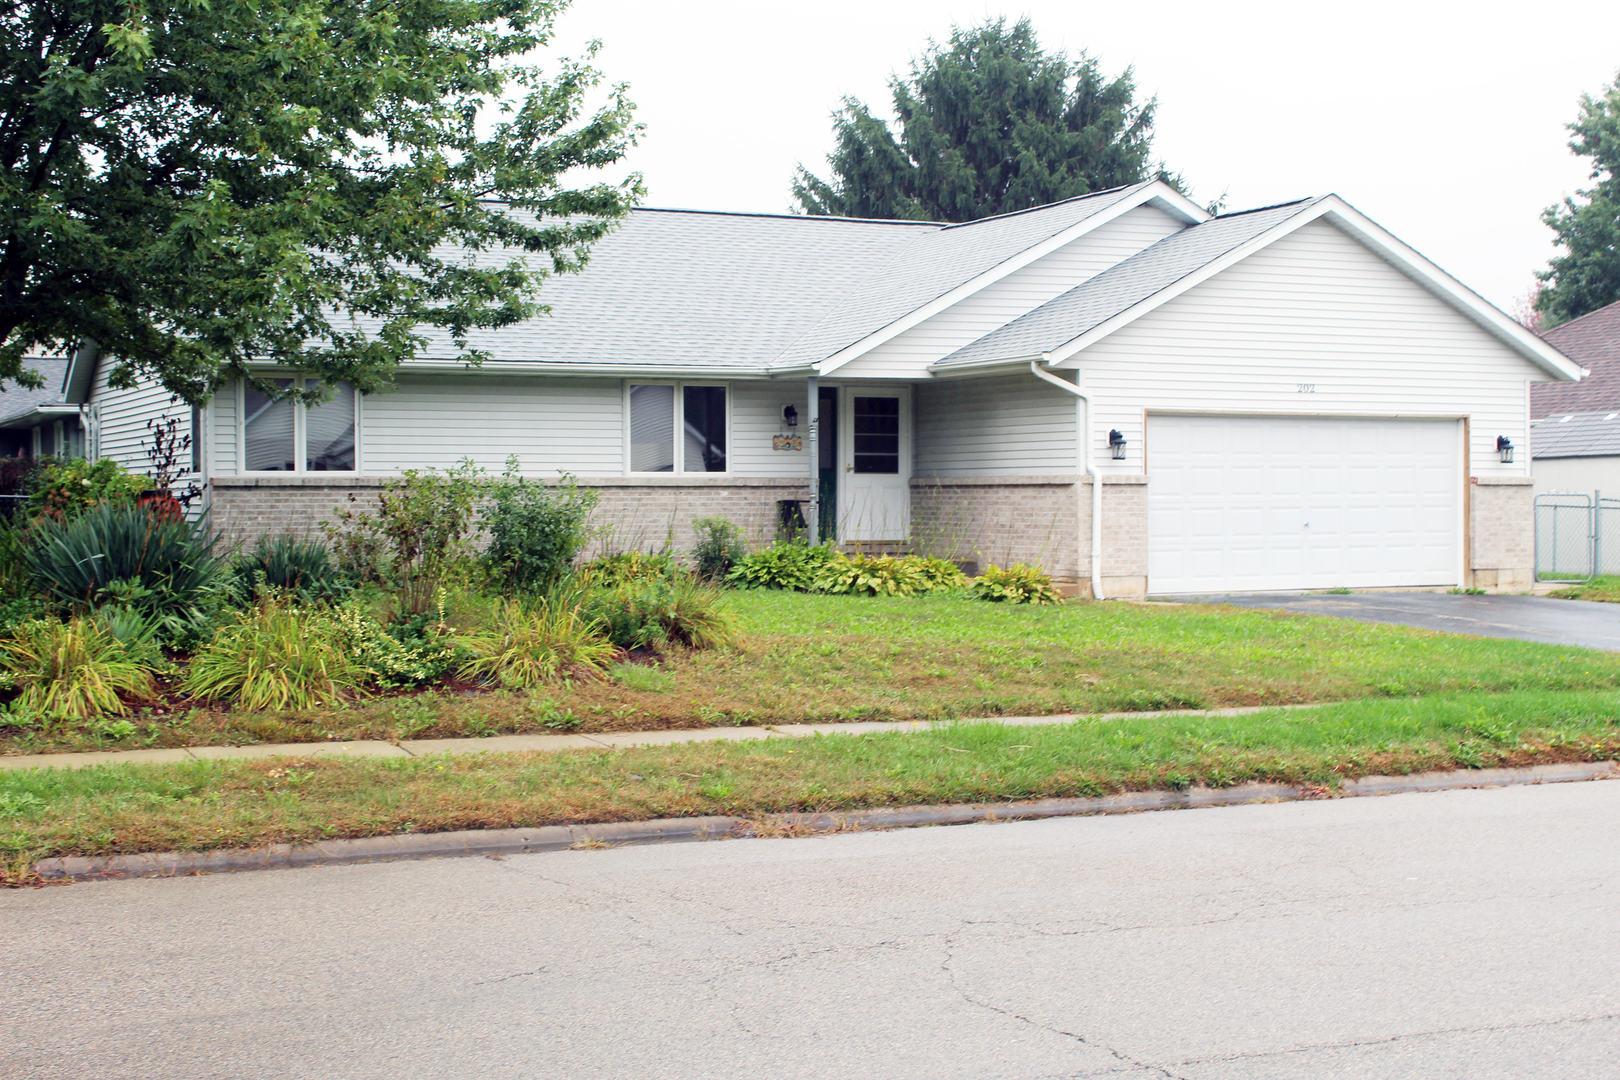 202 Gail, Belvidere, Illinois, 61008